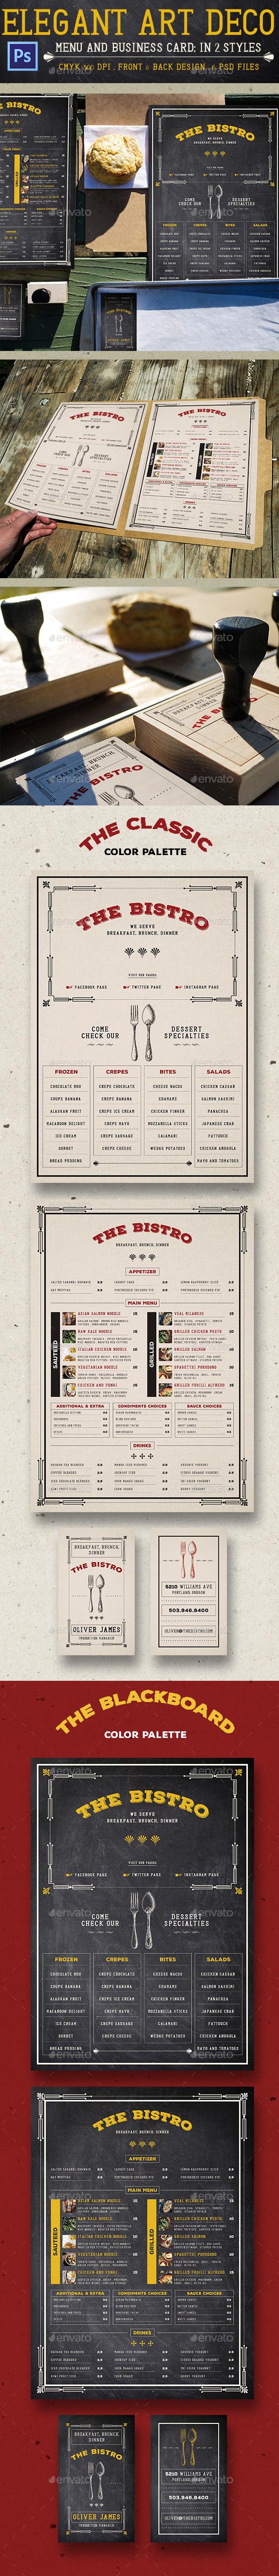 Elegant Art Deco Menu - Food Menus Print Templates